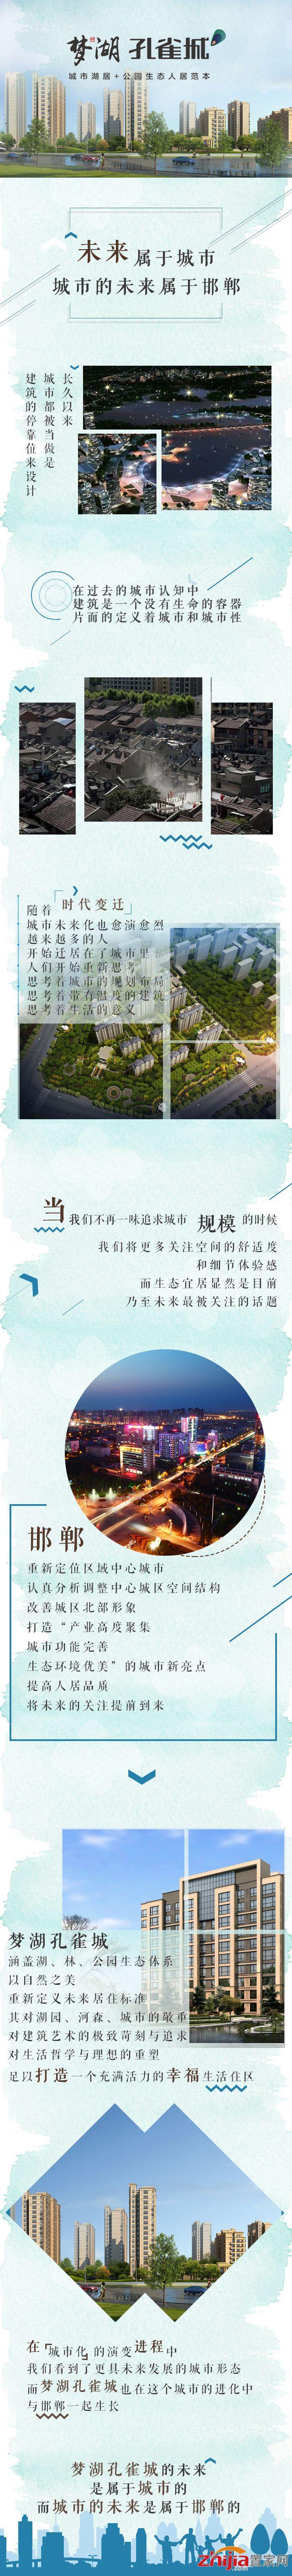 未来属于城市,城市的未来属于邯郸!